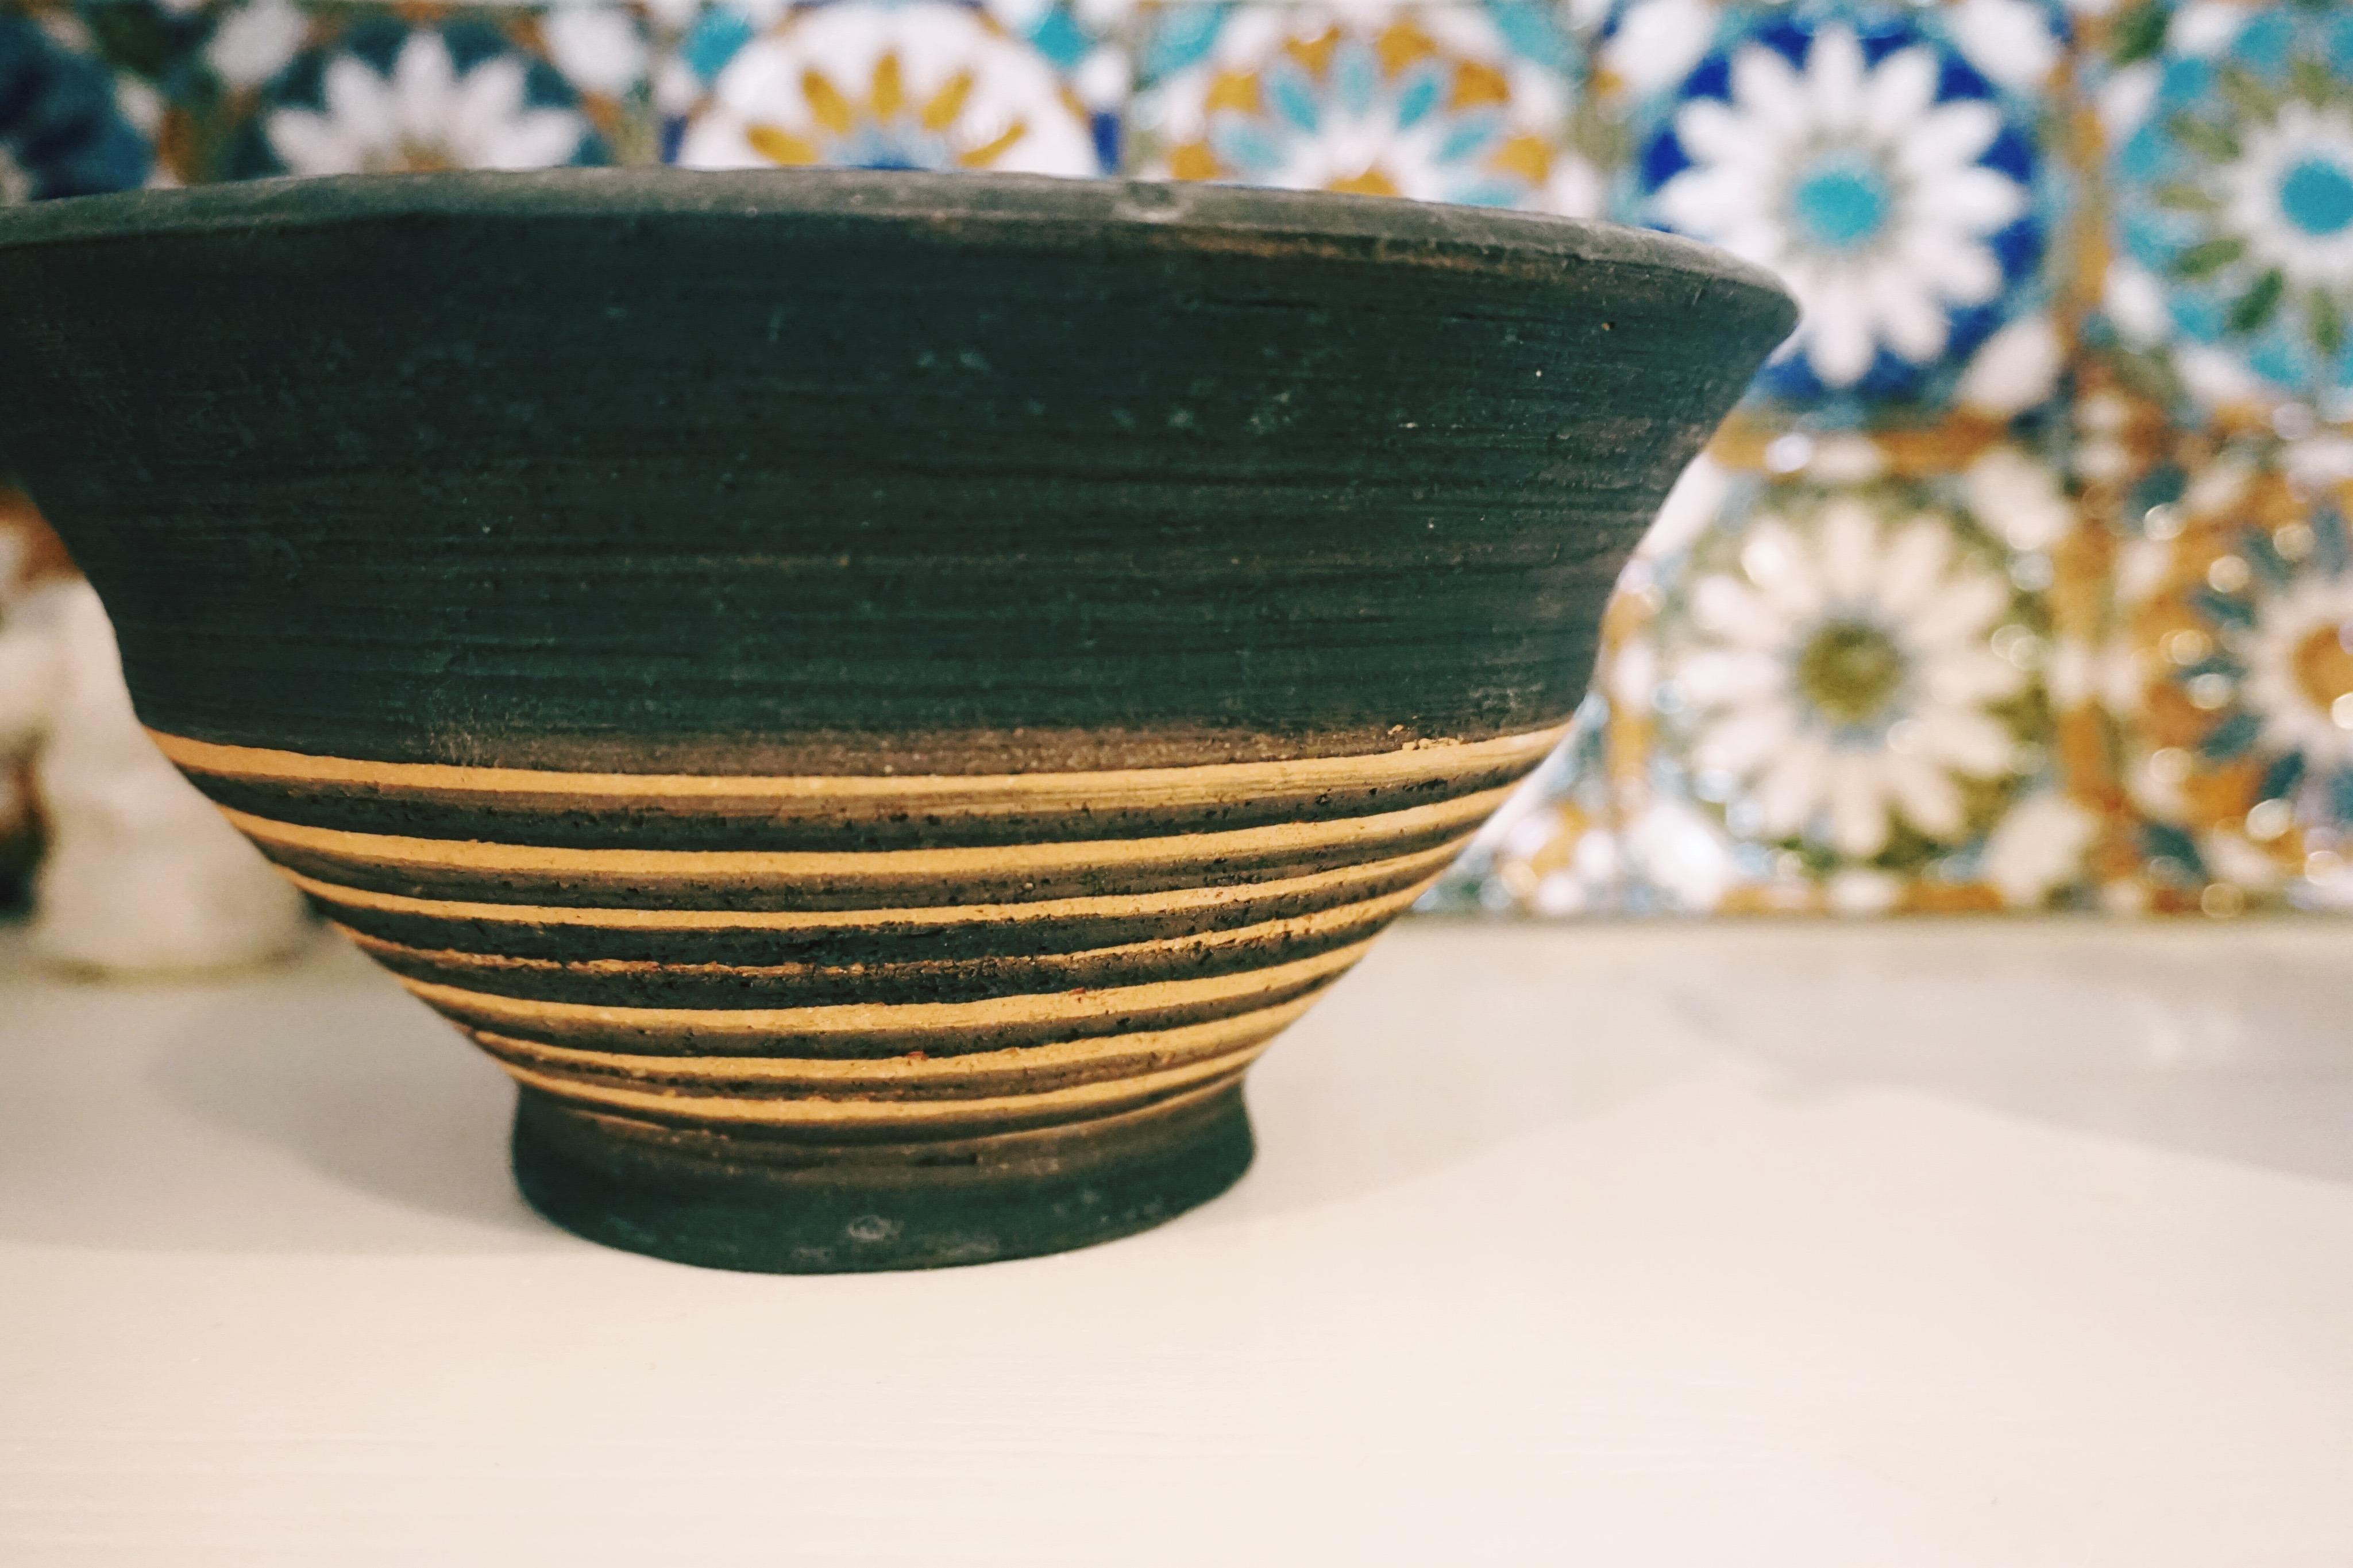 Pottery in Portugal, Alentejo